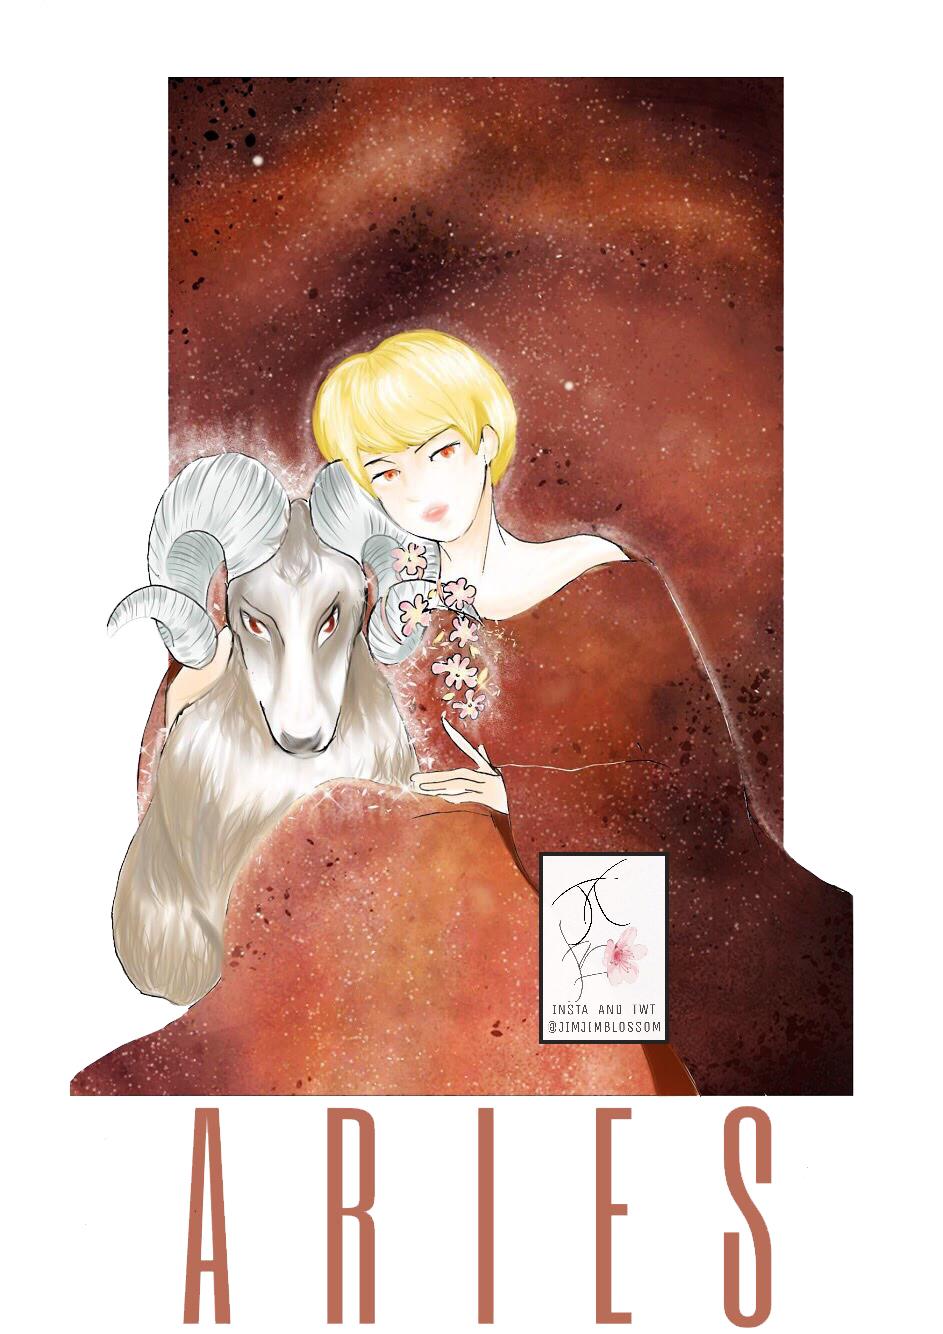 cô gái tóc vàng ngôi bên cạnh con - cung hoàng đạo bạch dương